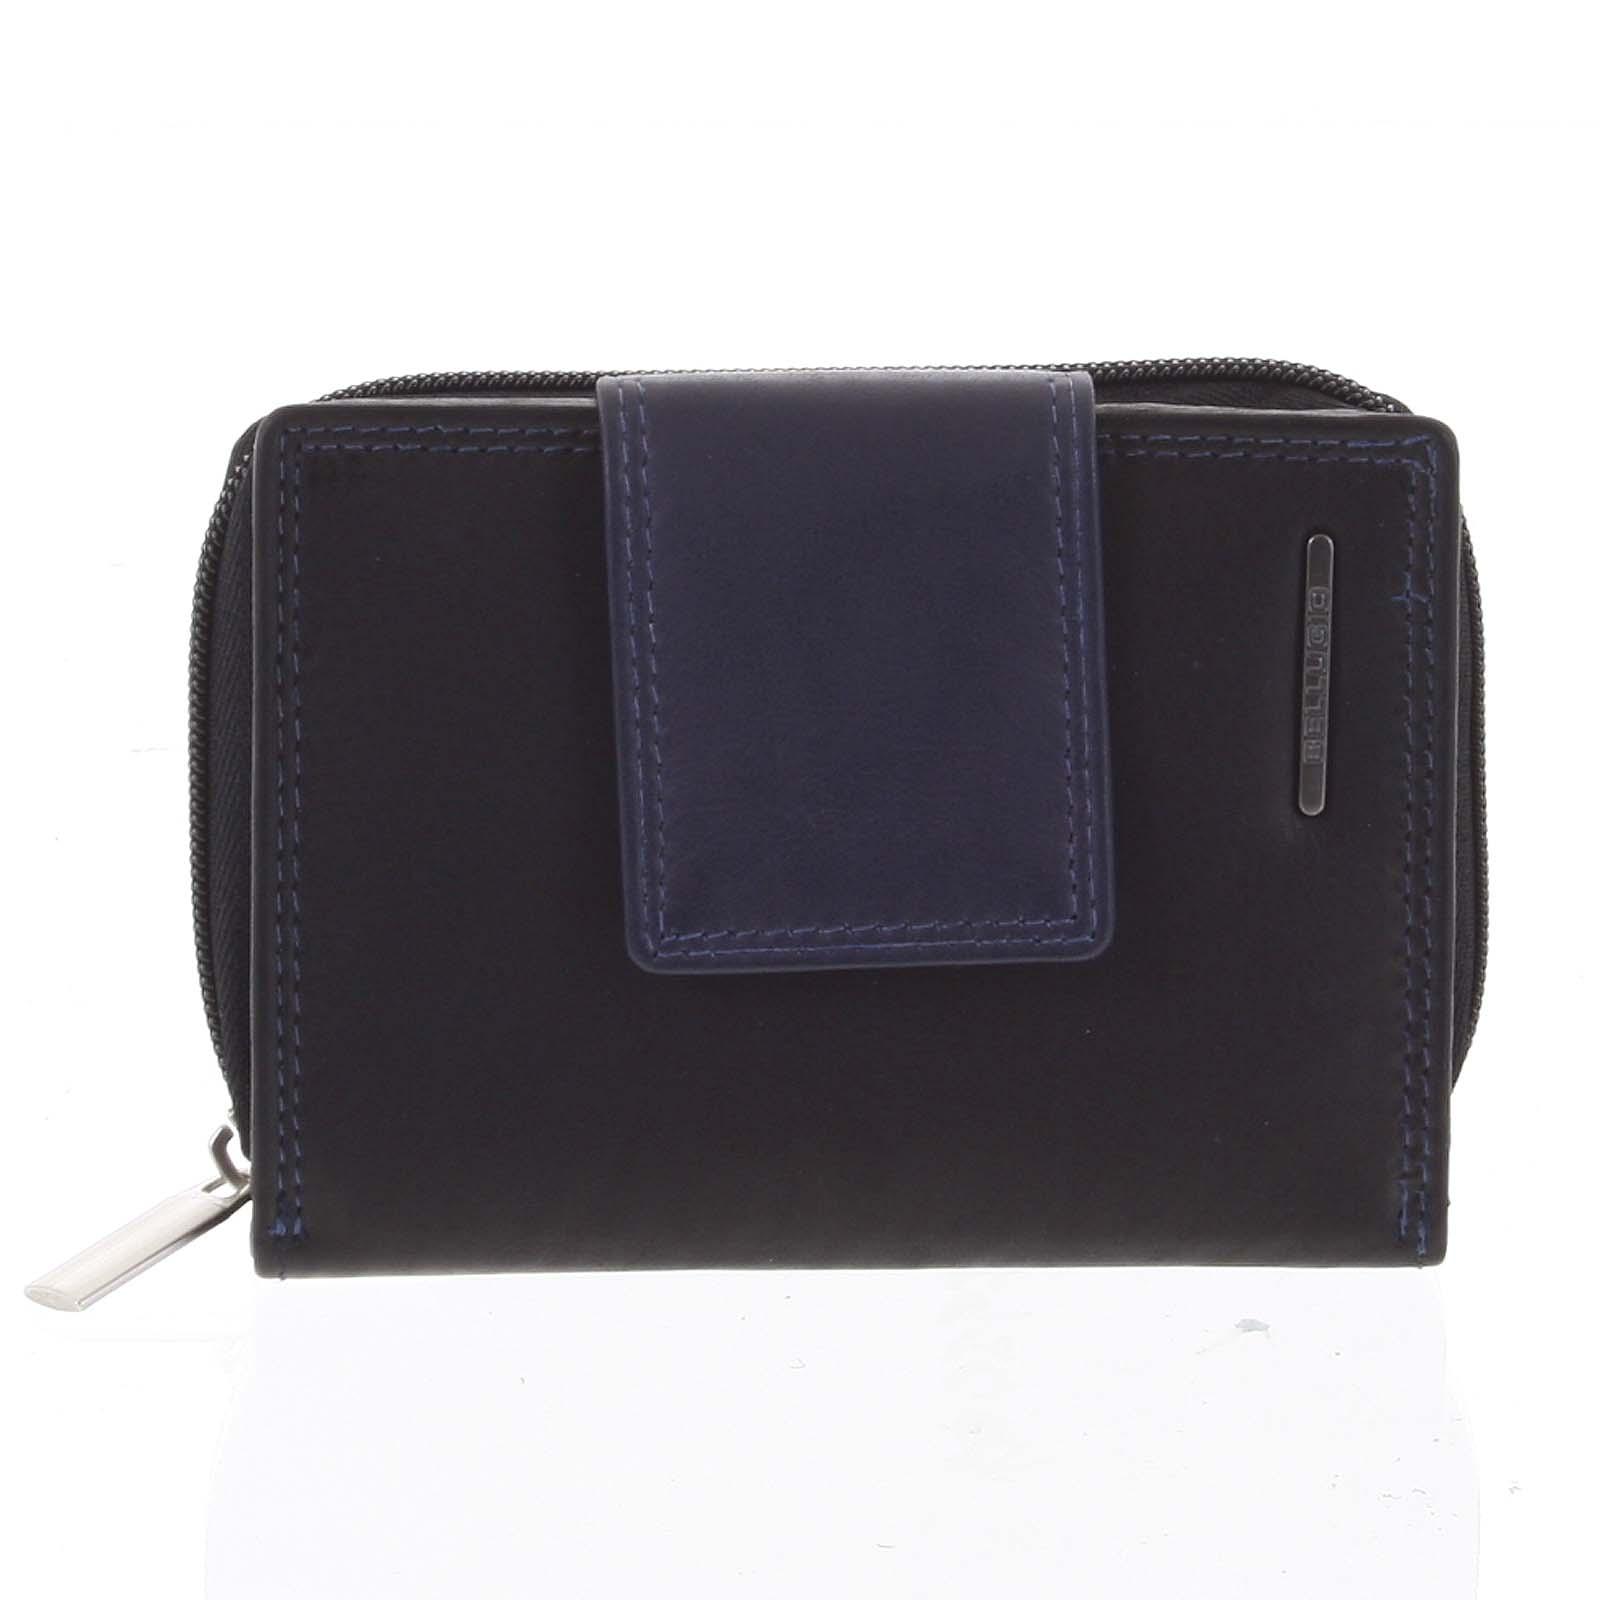 Dámská kožená peněženka černo modrá - Bellugio Eurusie